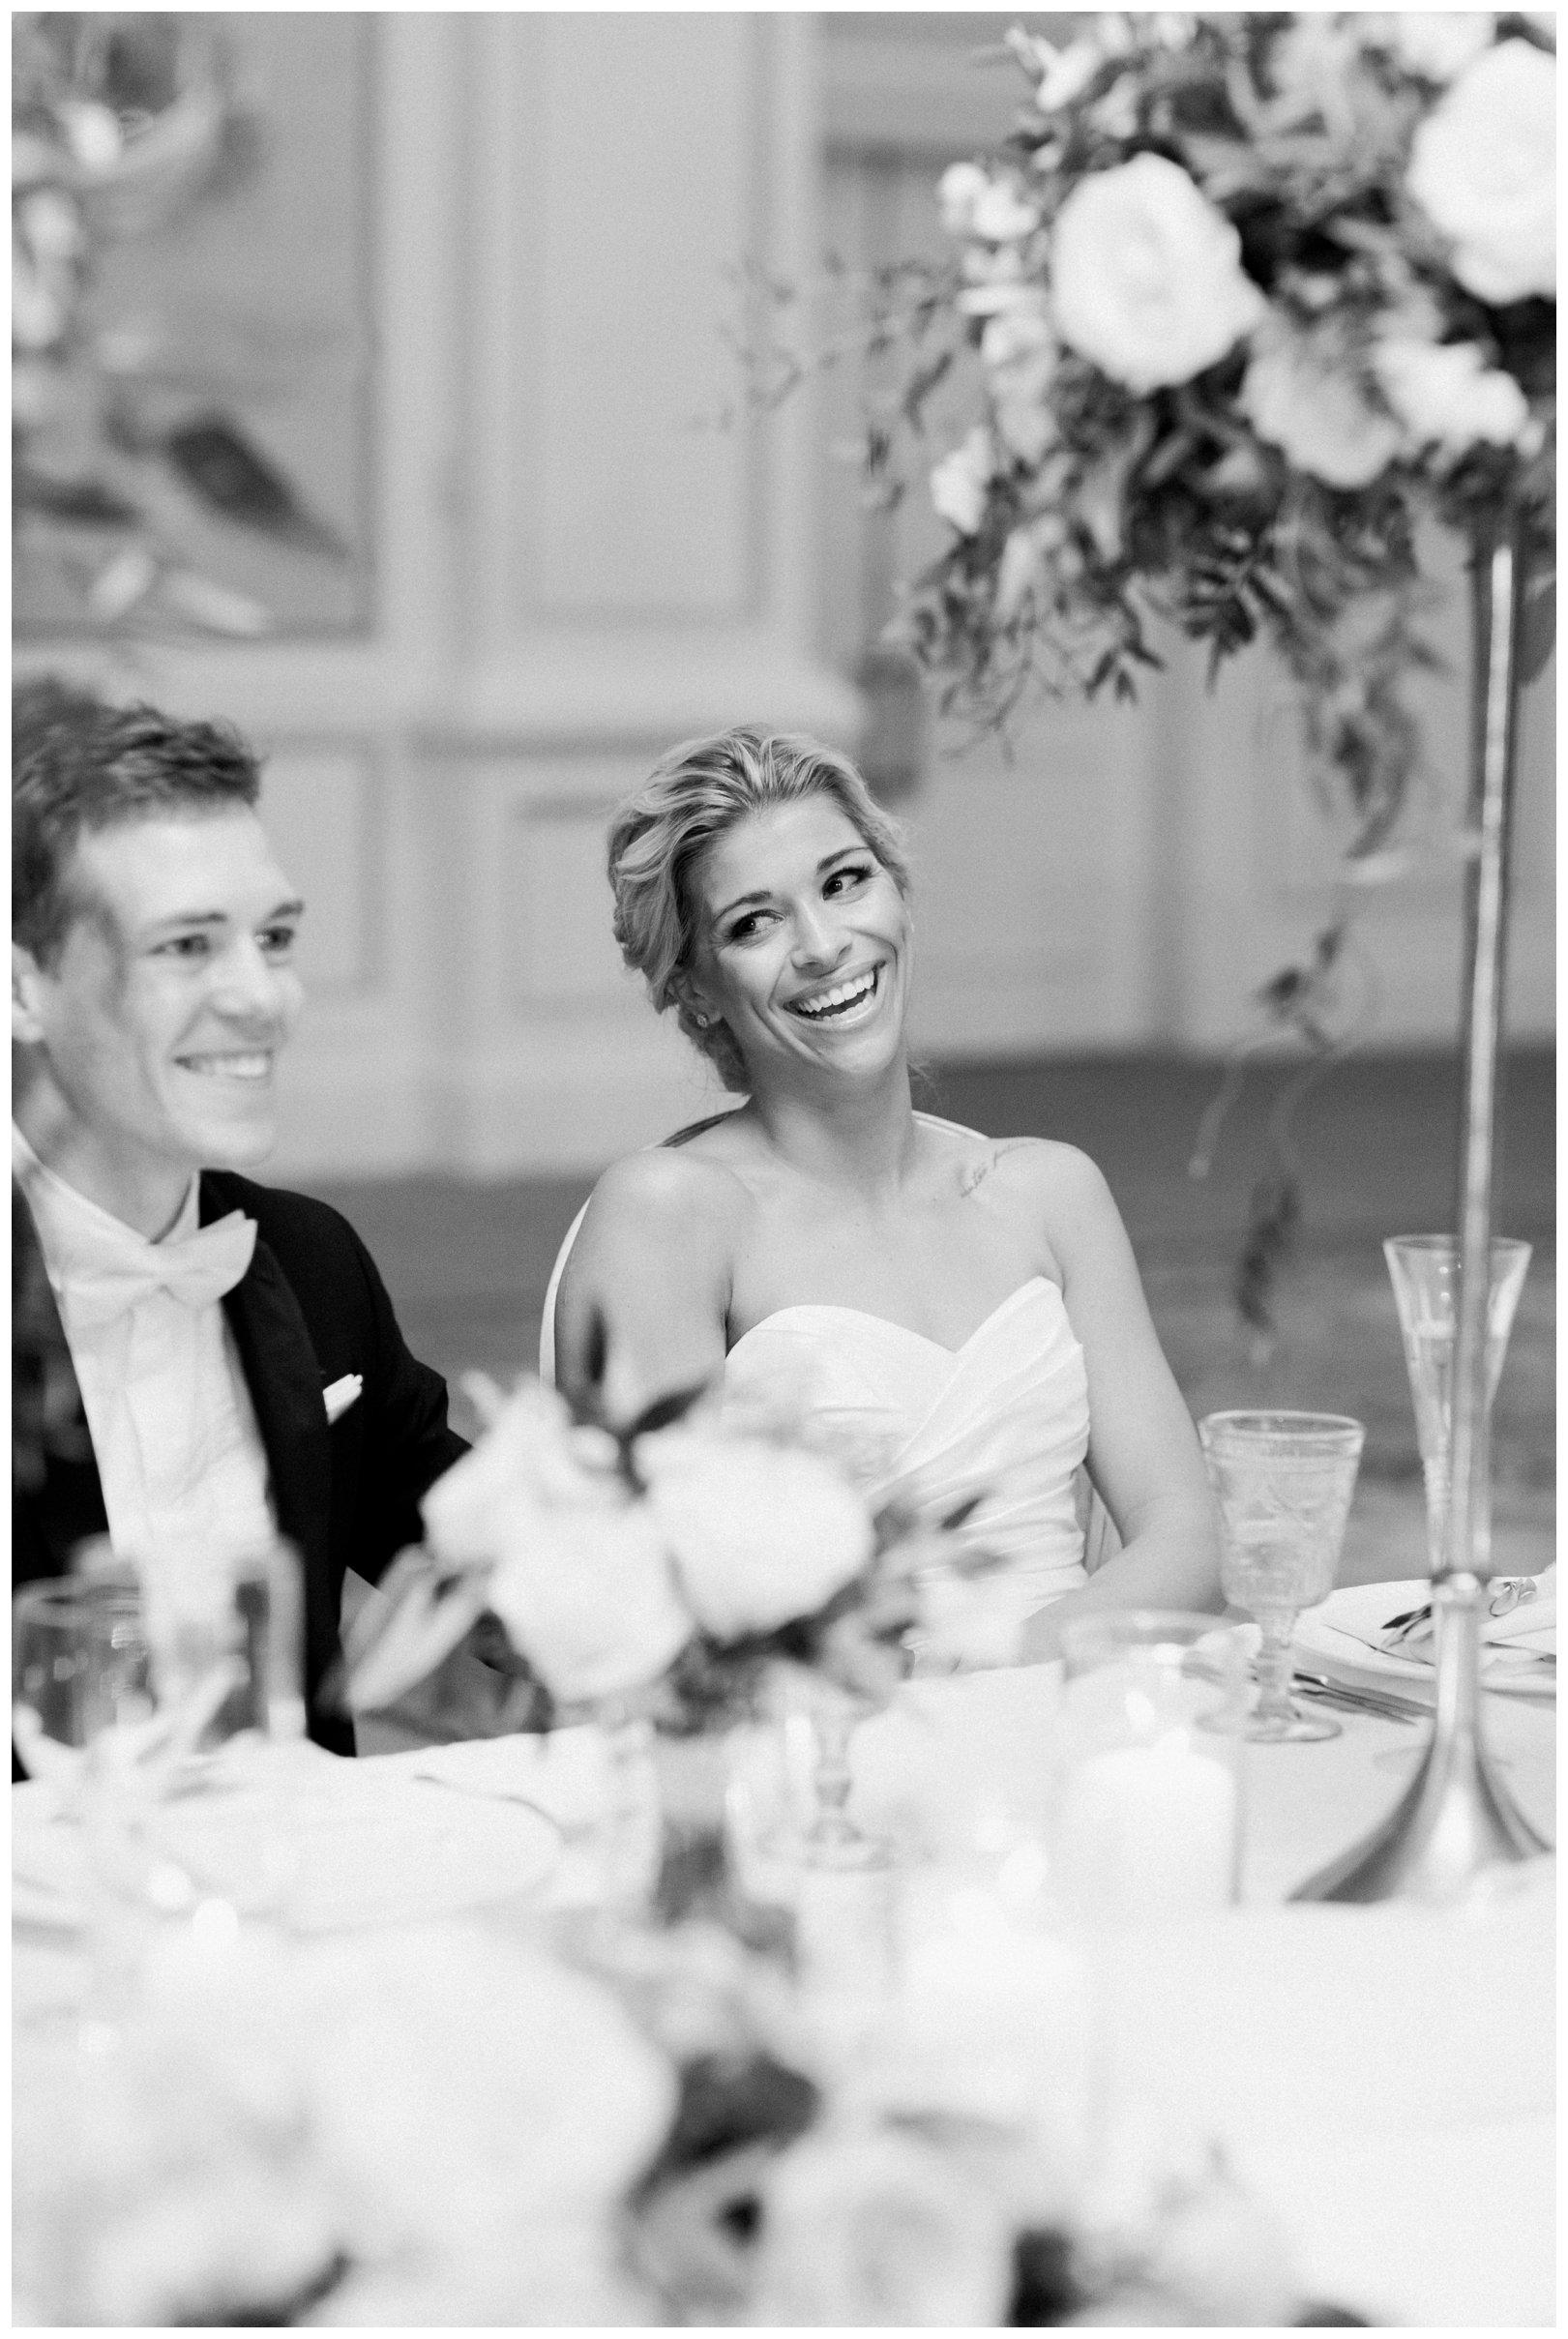 lauren muckler photography_fine art film wedding photography_st louis_photography_3541.jpg